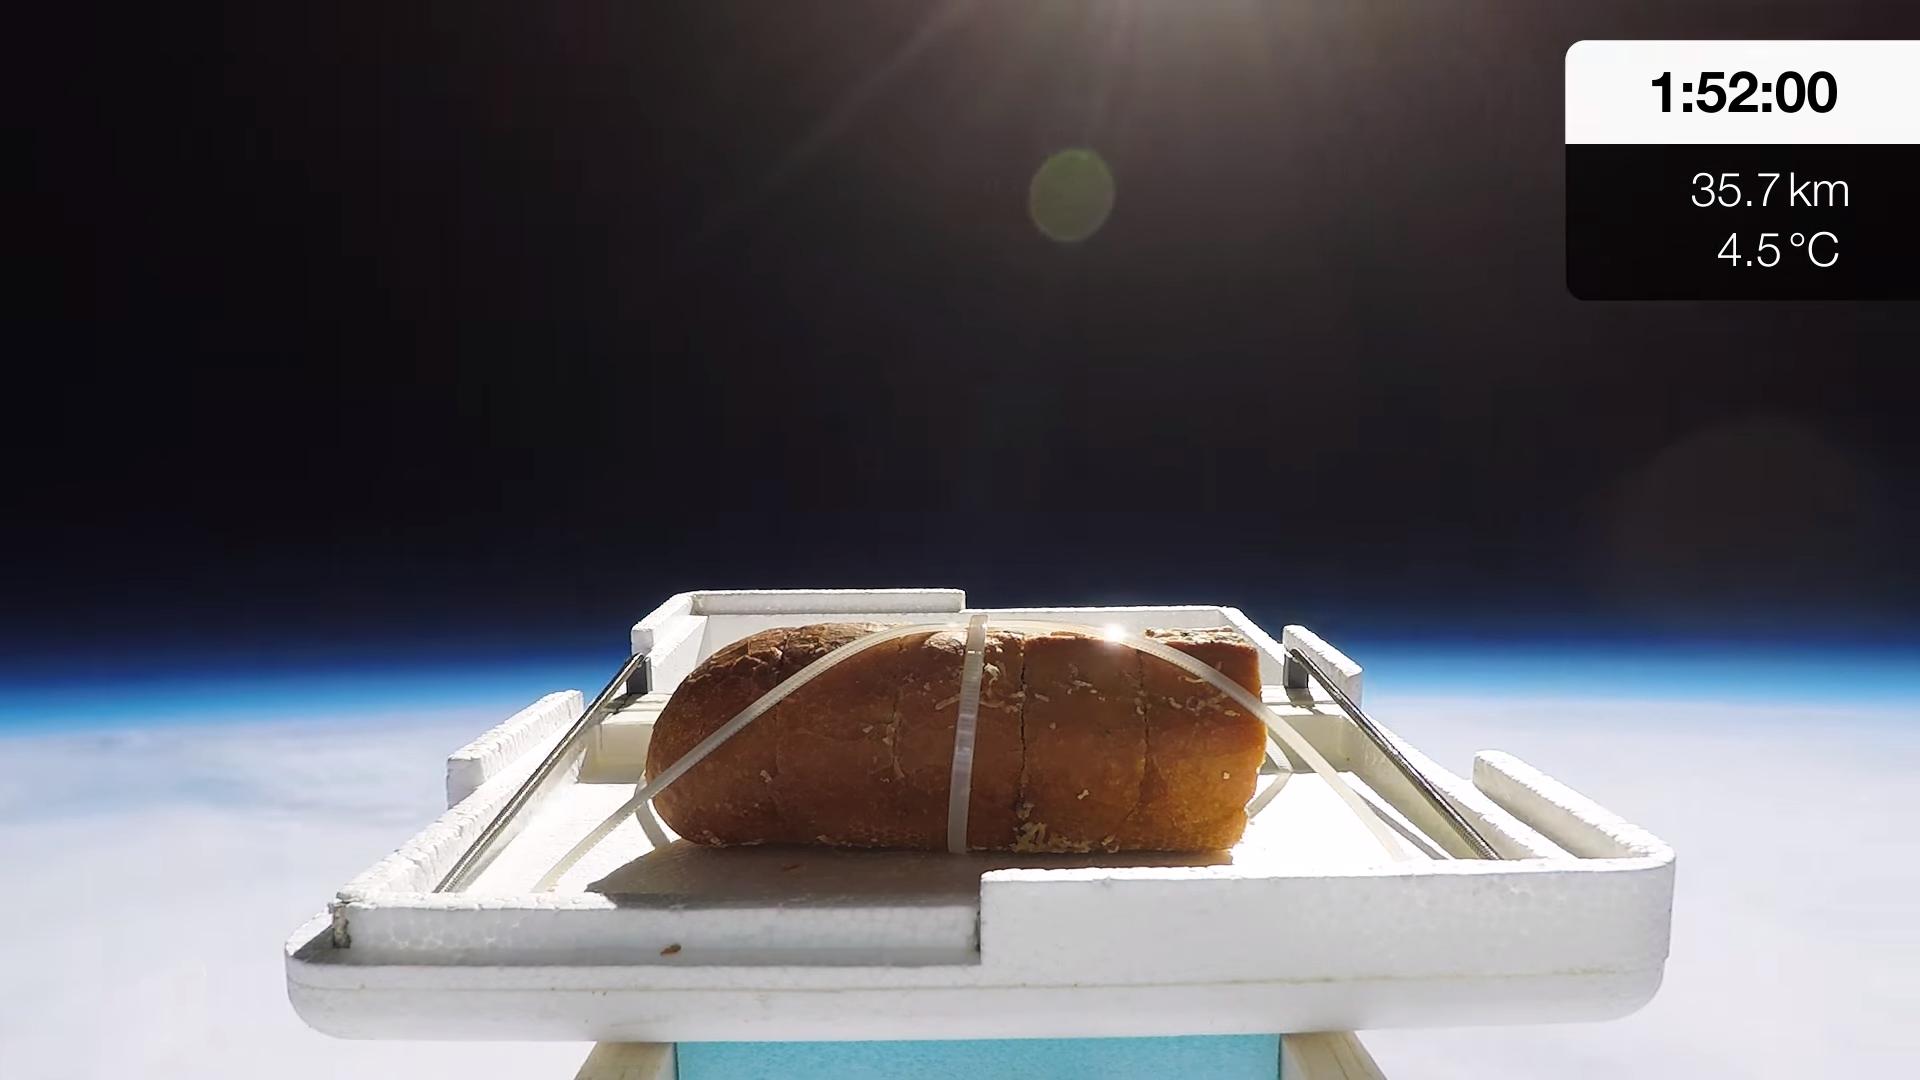 Блогер запустил хлеб в стратосферу, чтобы оценить новый вкус.Вокруг Света. Украина